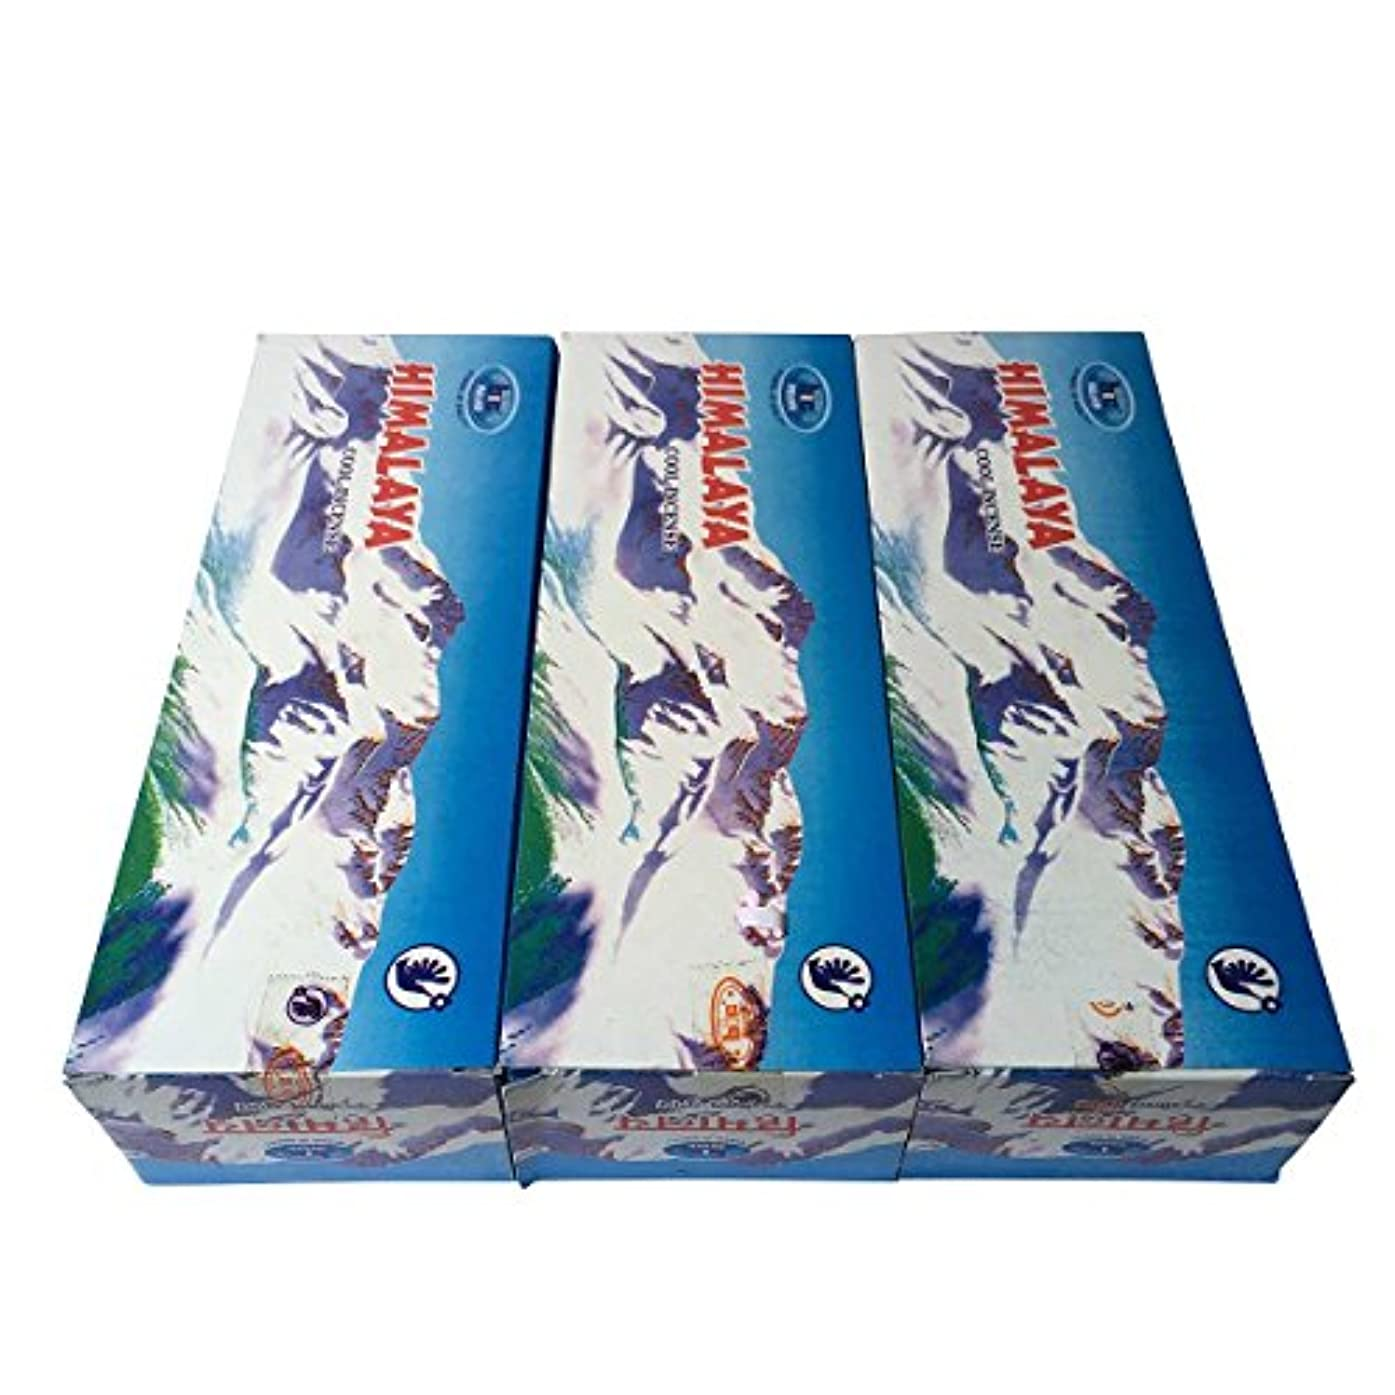 アグネスグレイリスト使い込むヒマラヤ香スティック 3BOX(18箱) /BIC HIMARAYA/インセンス/インド香 お香 [並行輸入品]